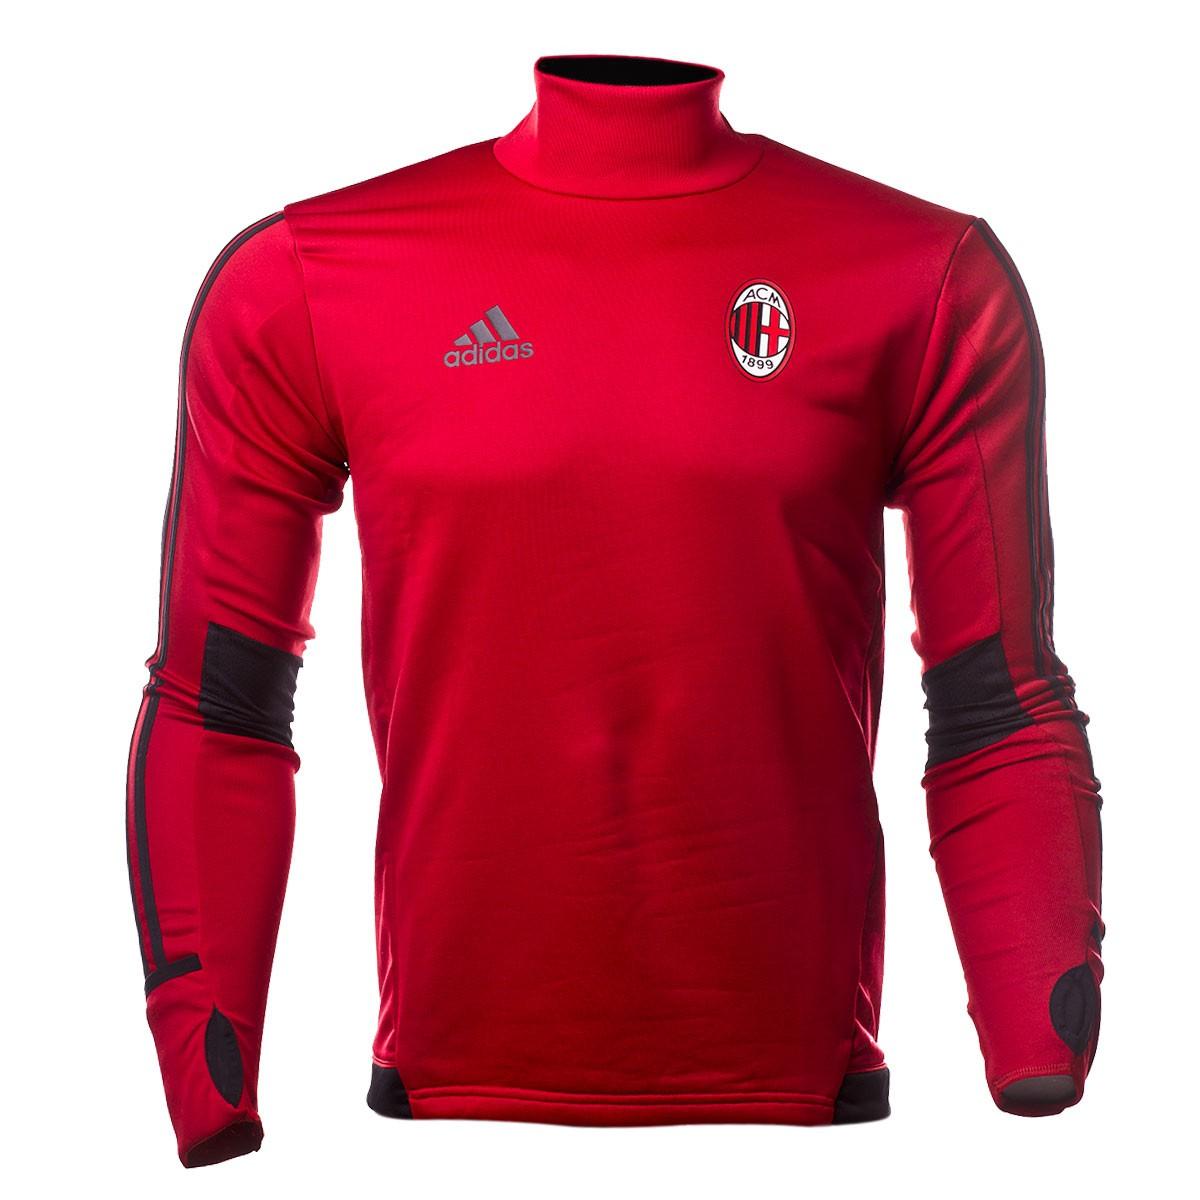 c229512b56 Sudadera adidas AC Milán Training Top 2017-2018 Victory red-Black -  Soloporteros es ahora Fútbol Emotion